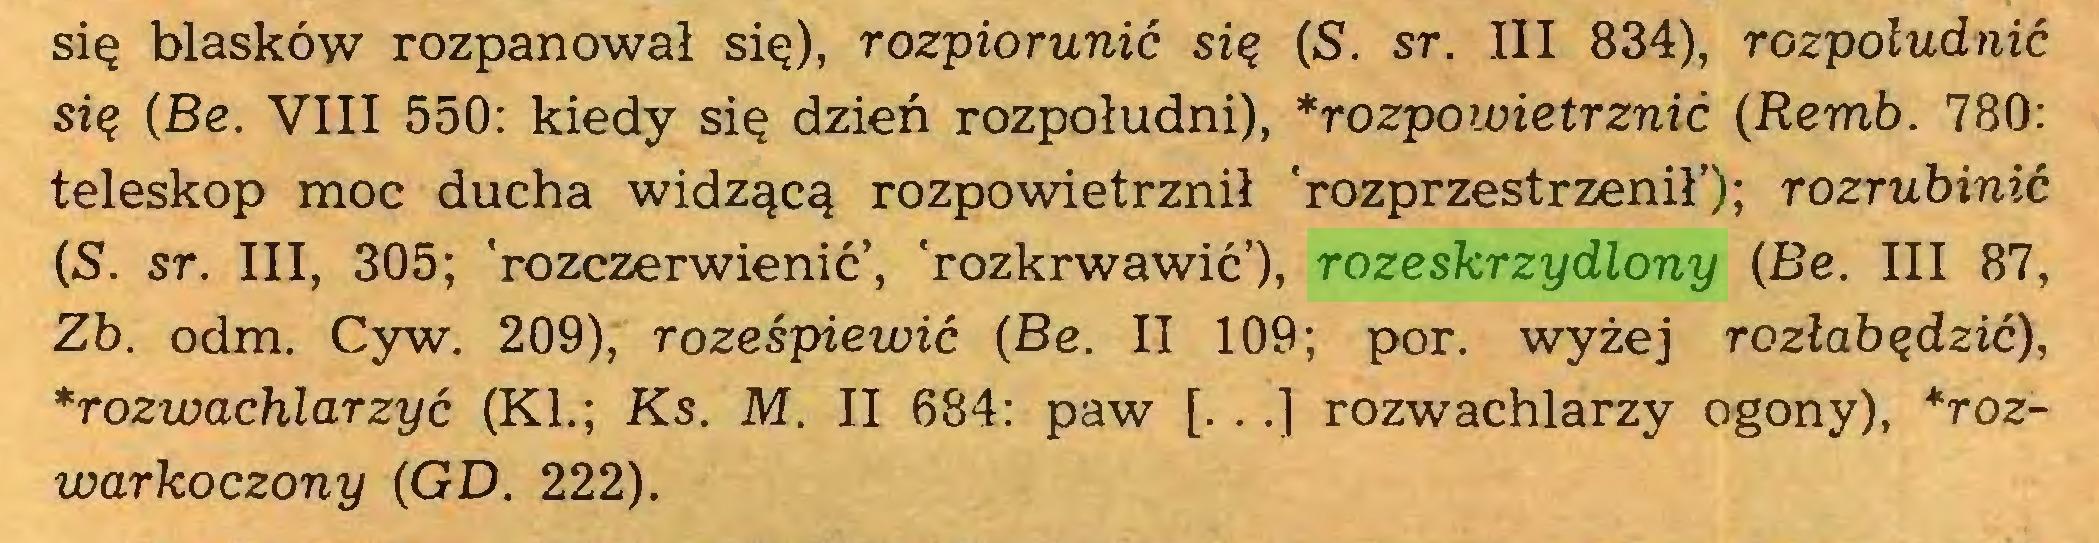 (...) się blasków rozpanował się), rozpiorunić się (S. sr. III 834), rozpoludnić się (Be. VIII 550: kiedy się dzień rozpołudni), *rozpowietrznić (Remb. 780: teleskop moc ducha widzącą rozpowietrznił 'rozprzestrzenił'); rozrubinić (S. sr. III, 305; 'rozczerwienić', 'rozkrwawić'), rozeskrzydlony (Be. III 87, Zb. odm. Cyw. 209), roześpiewić (Be. II 109; por. wyżej rozłabędzić), *rozwachlarzyć (KI.; Ks. M. II 684: paw [. . .] rozwachlarzy ogony), *rozwarkoczony (GD. 222)...